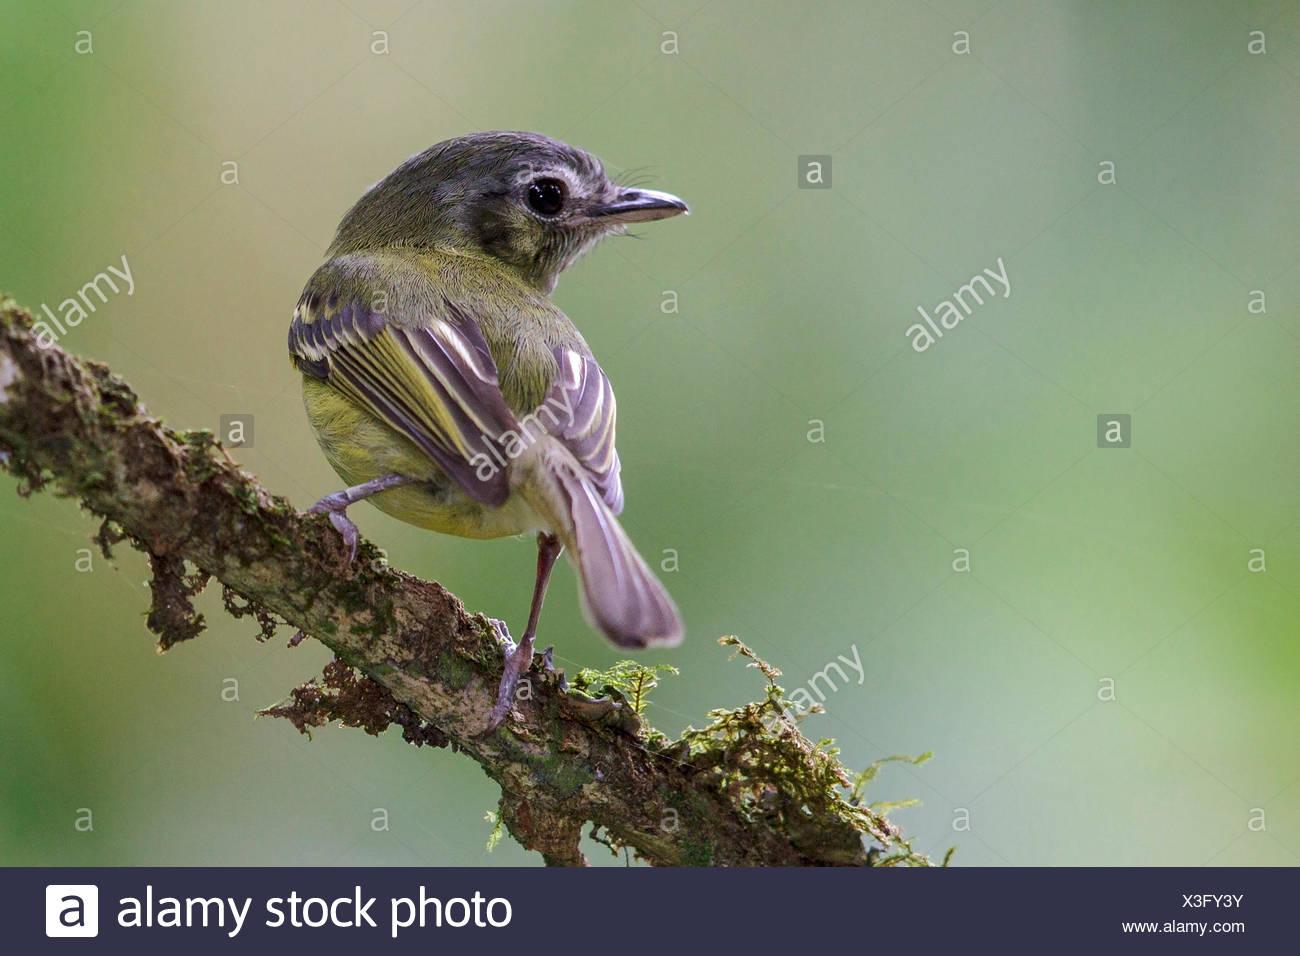 São Paulo Tyrannulet (Phylloscartes paulista) appollaiato su un ramo nella foresta pluviale atlantica del sud-est del Brasile. Immagini Stock